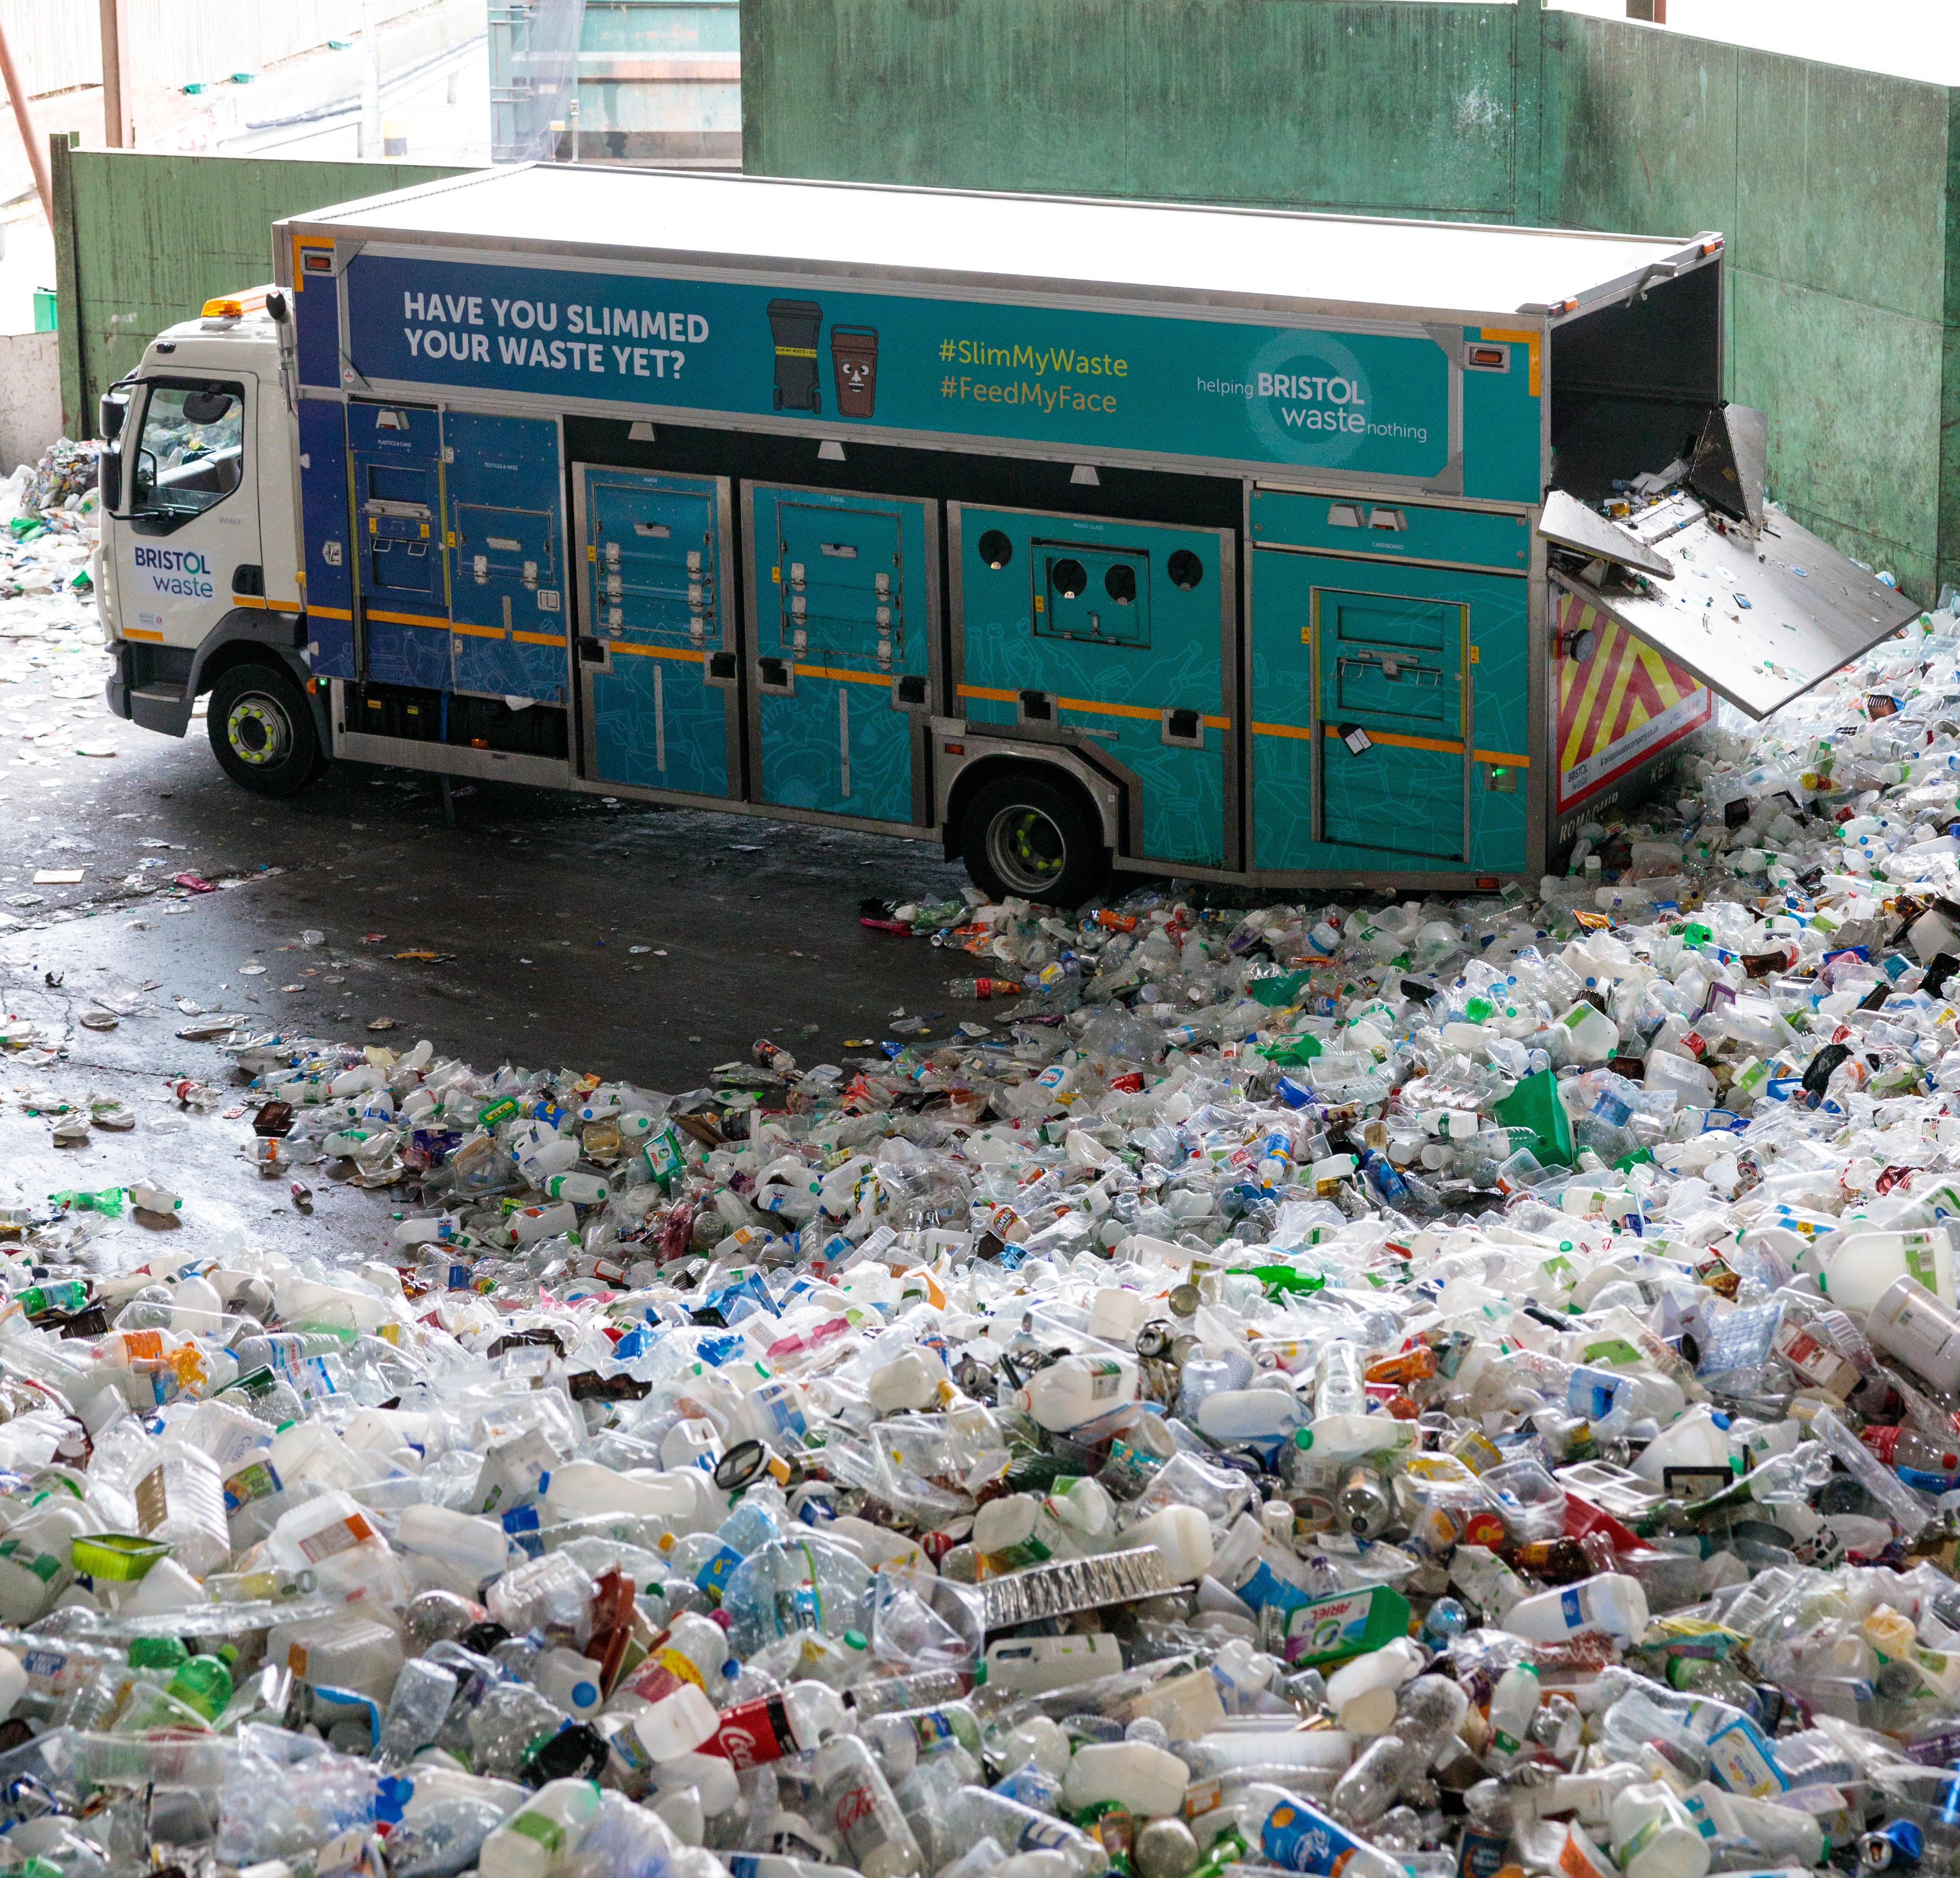 122-Bristol-Waste2